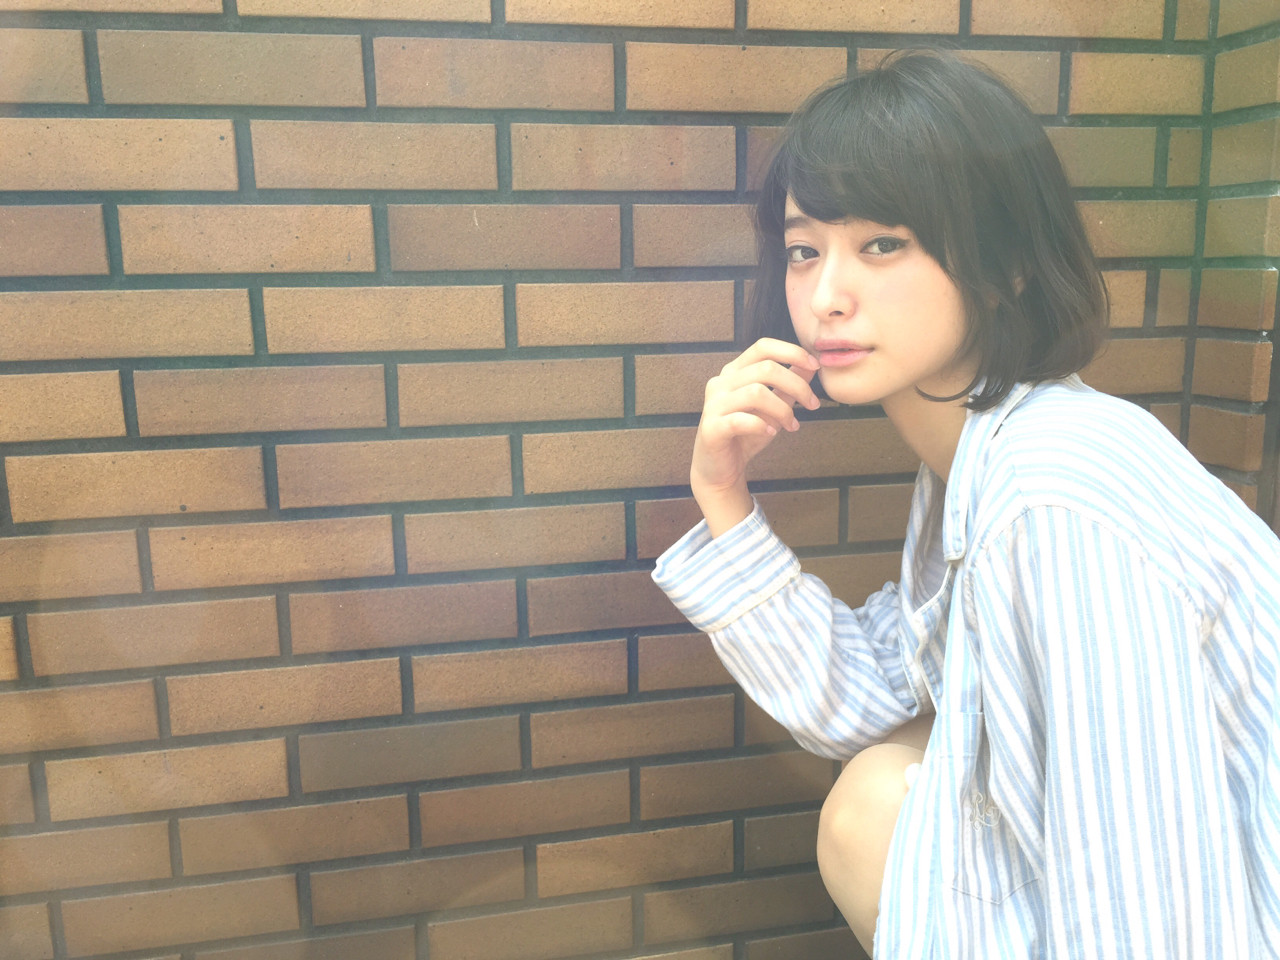 黒髪より魅力的。透明感のある「暗髪美人」をつくる方法  OYAMA KENICHI